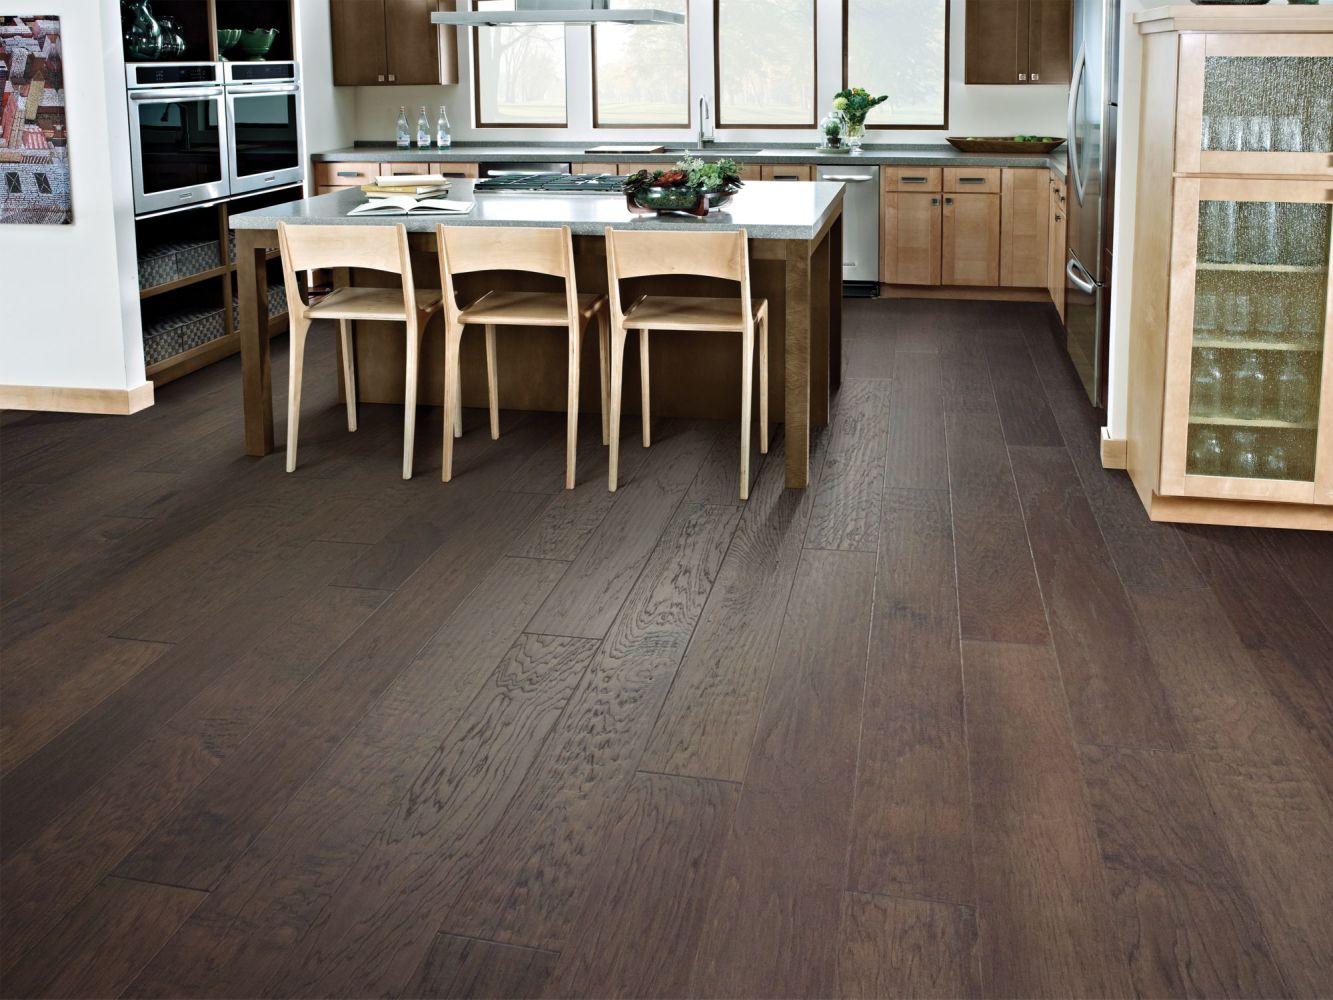 Shaw Floors Home Fn Gold Hardwood Wayward Hickory 6 3/8″ Pumice 07073_HW717